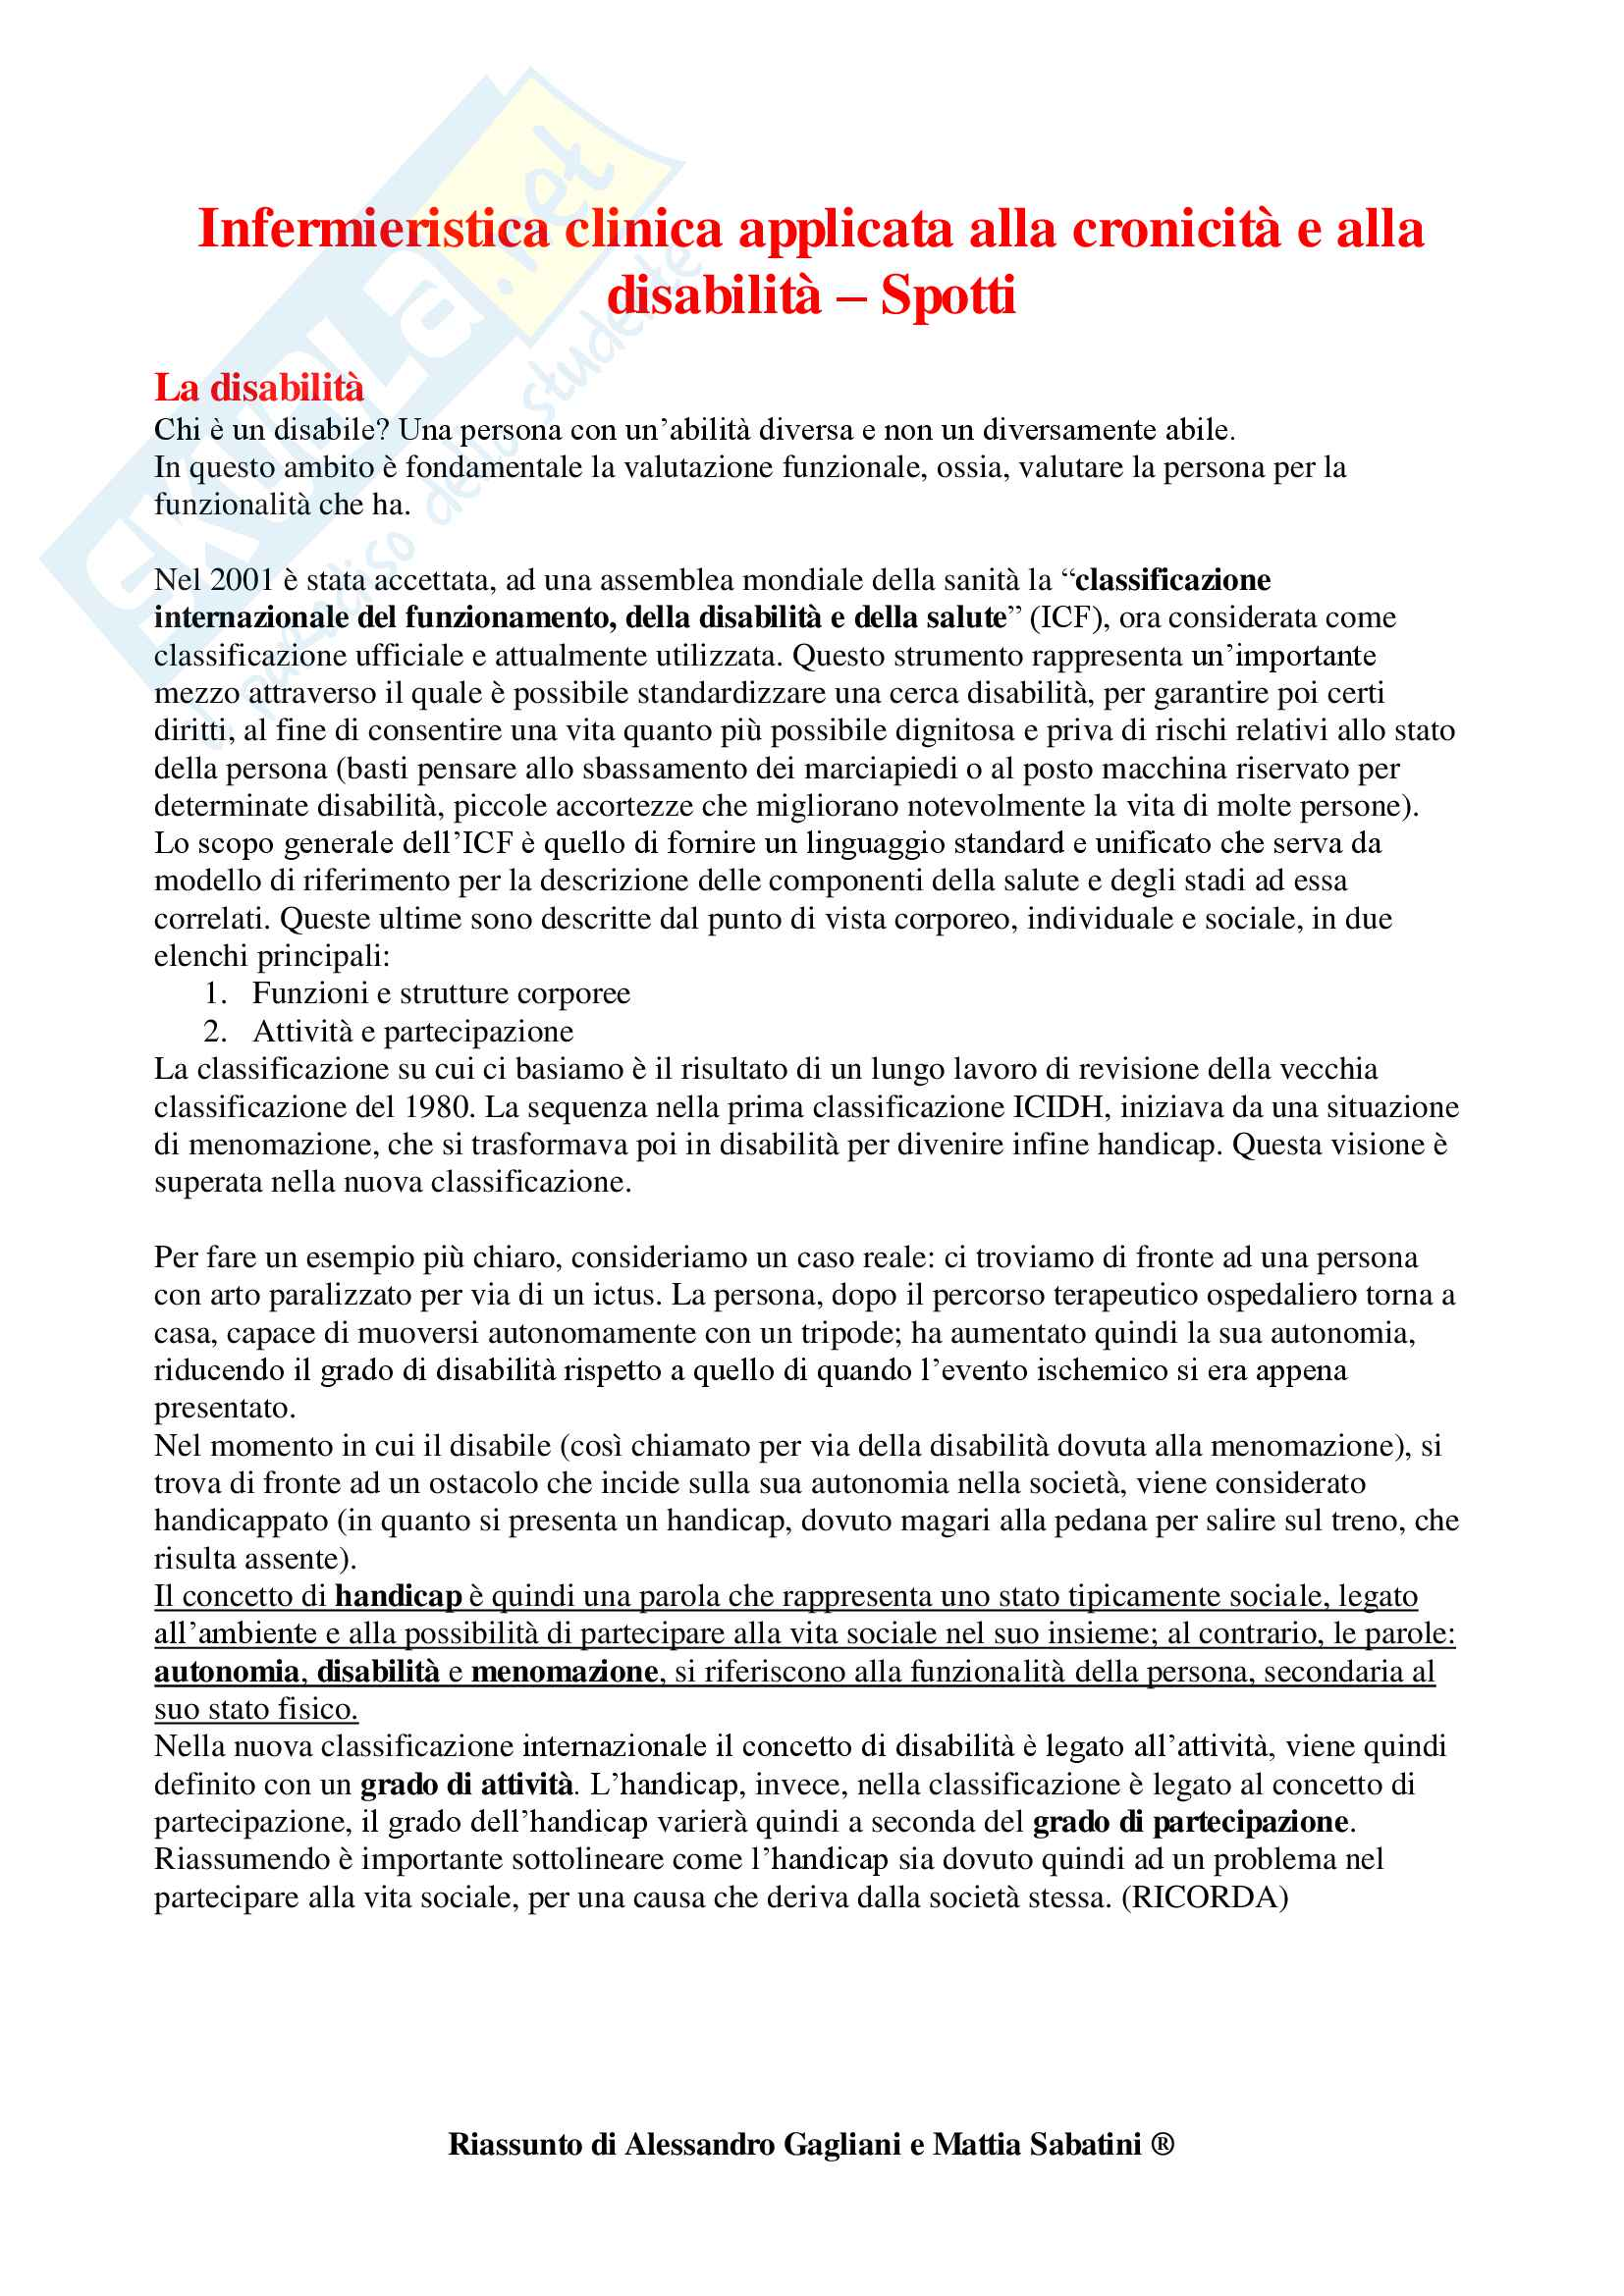 Infermieristica Clinica applicata alla Cronicità e alla Disabilità - Appunti Completi